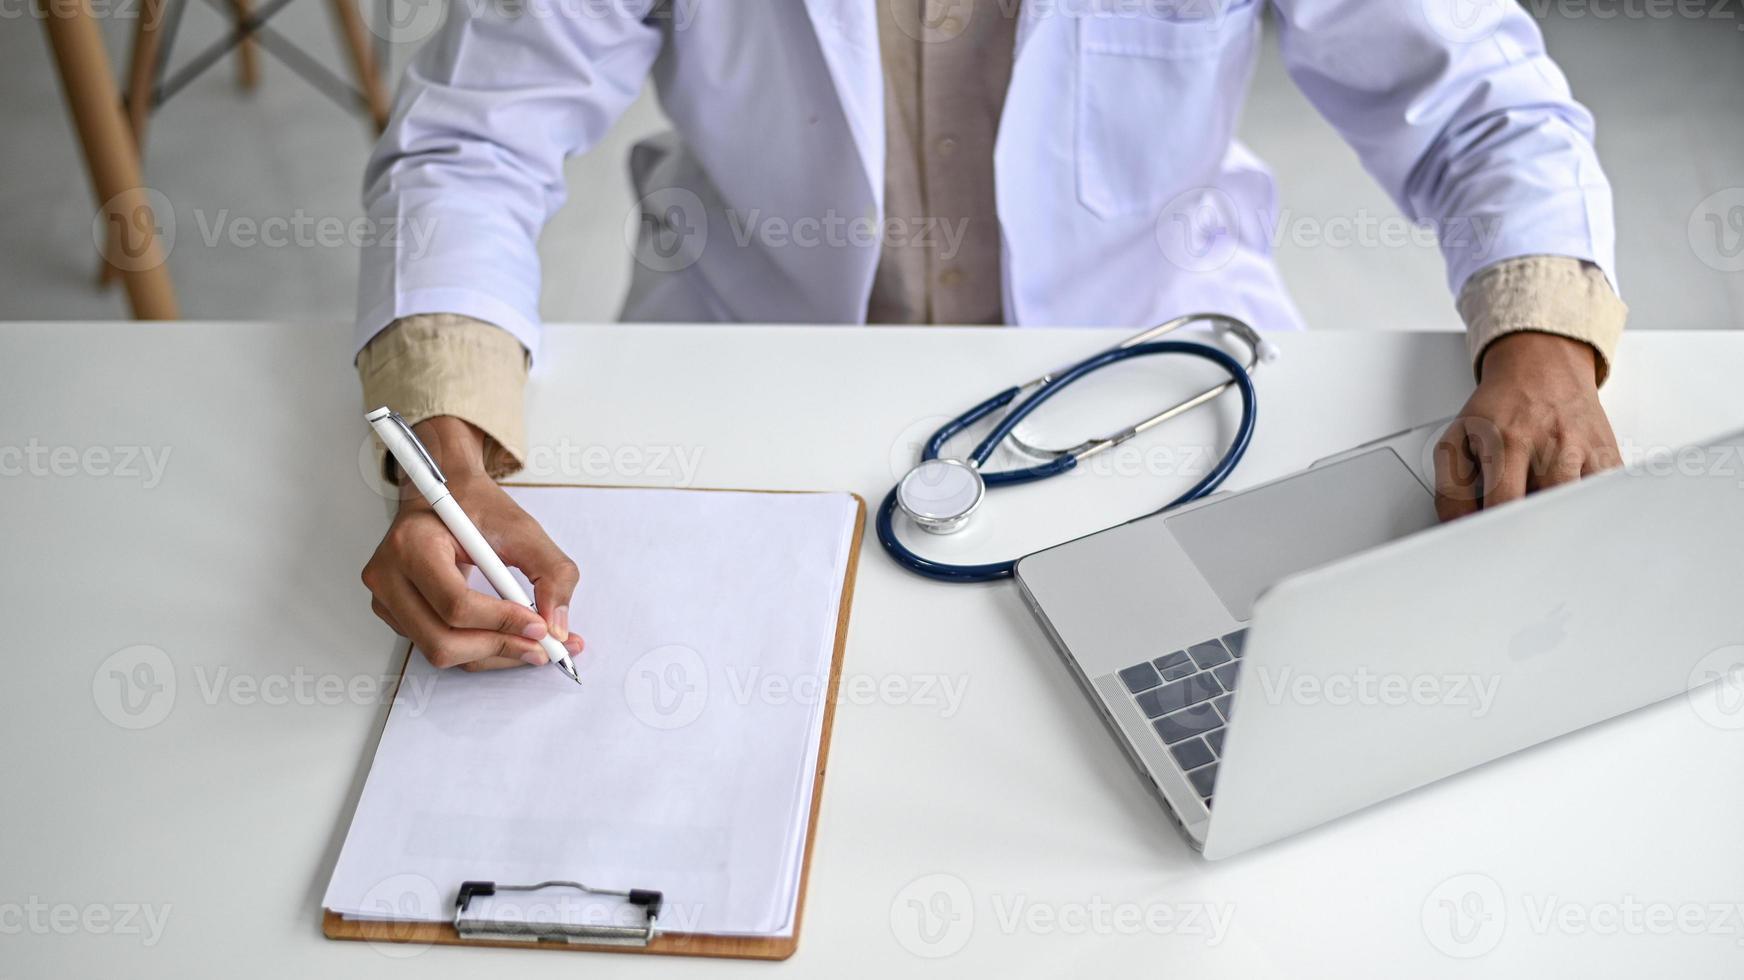 un medico in camice da laboratorio tiene una matita su un file vuoto. foto